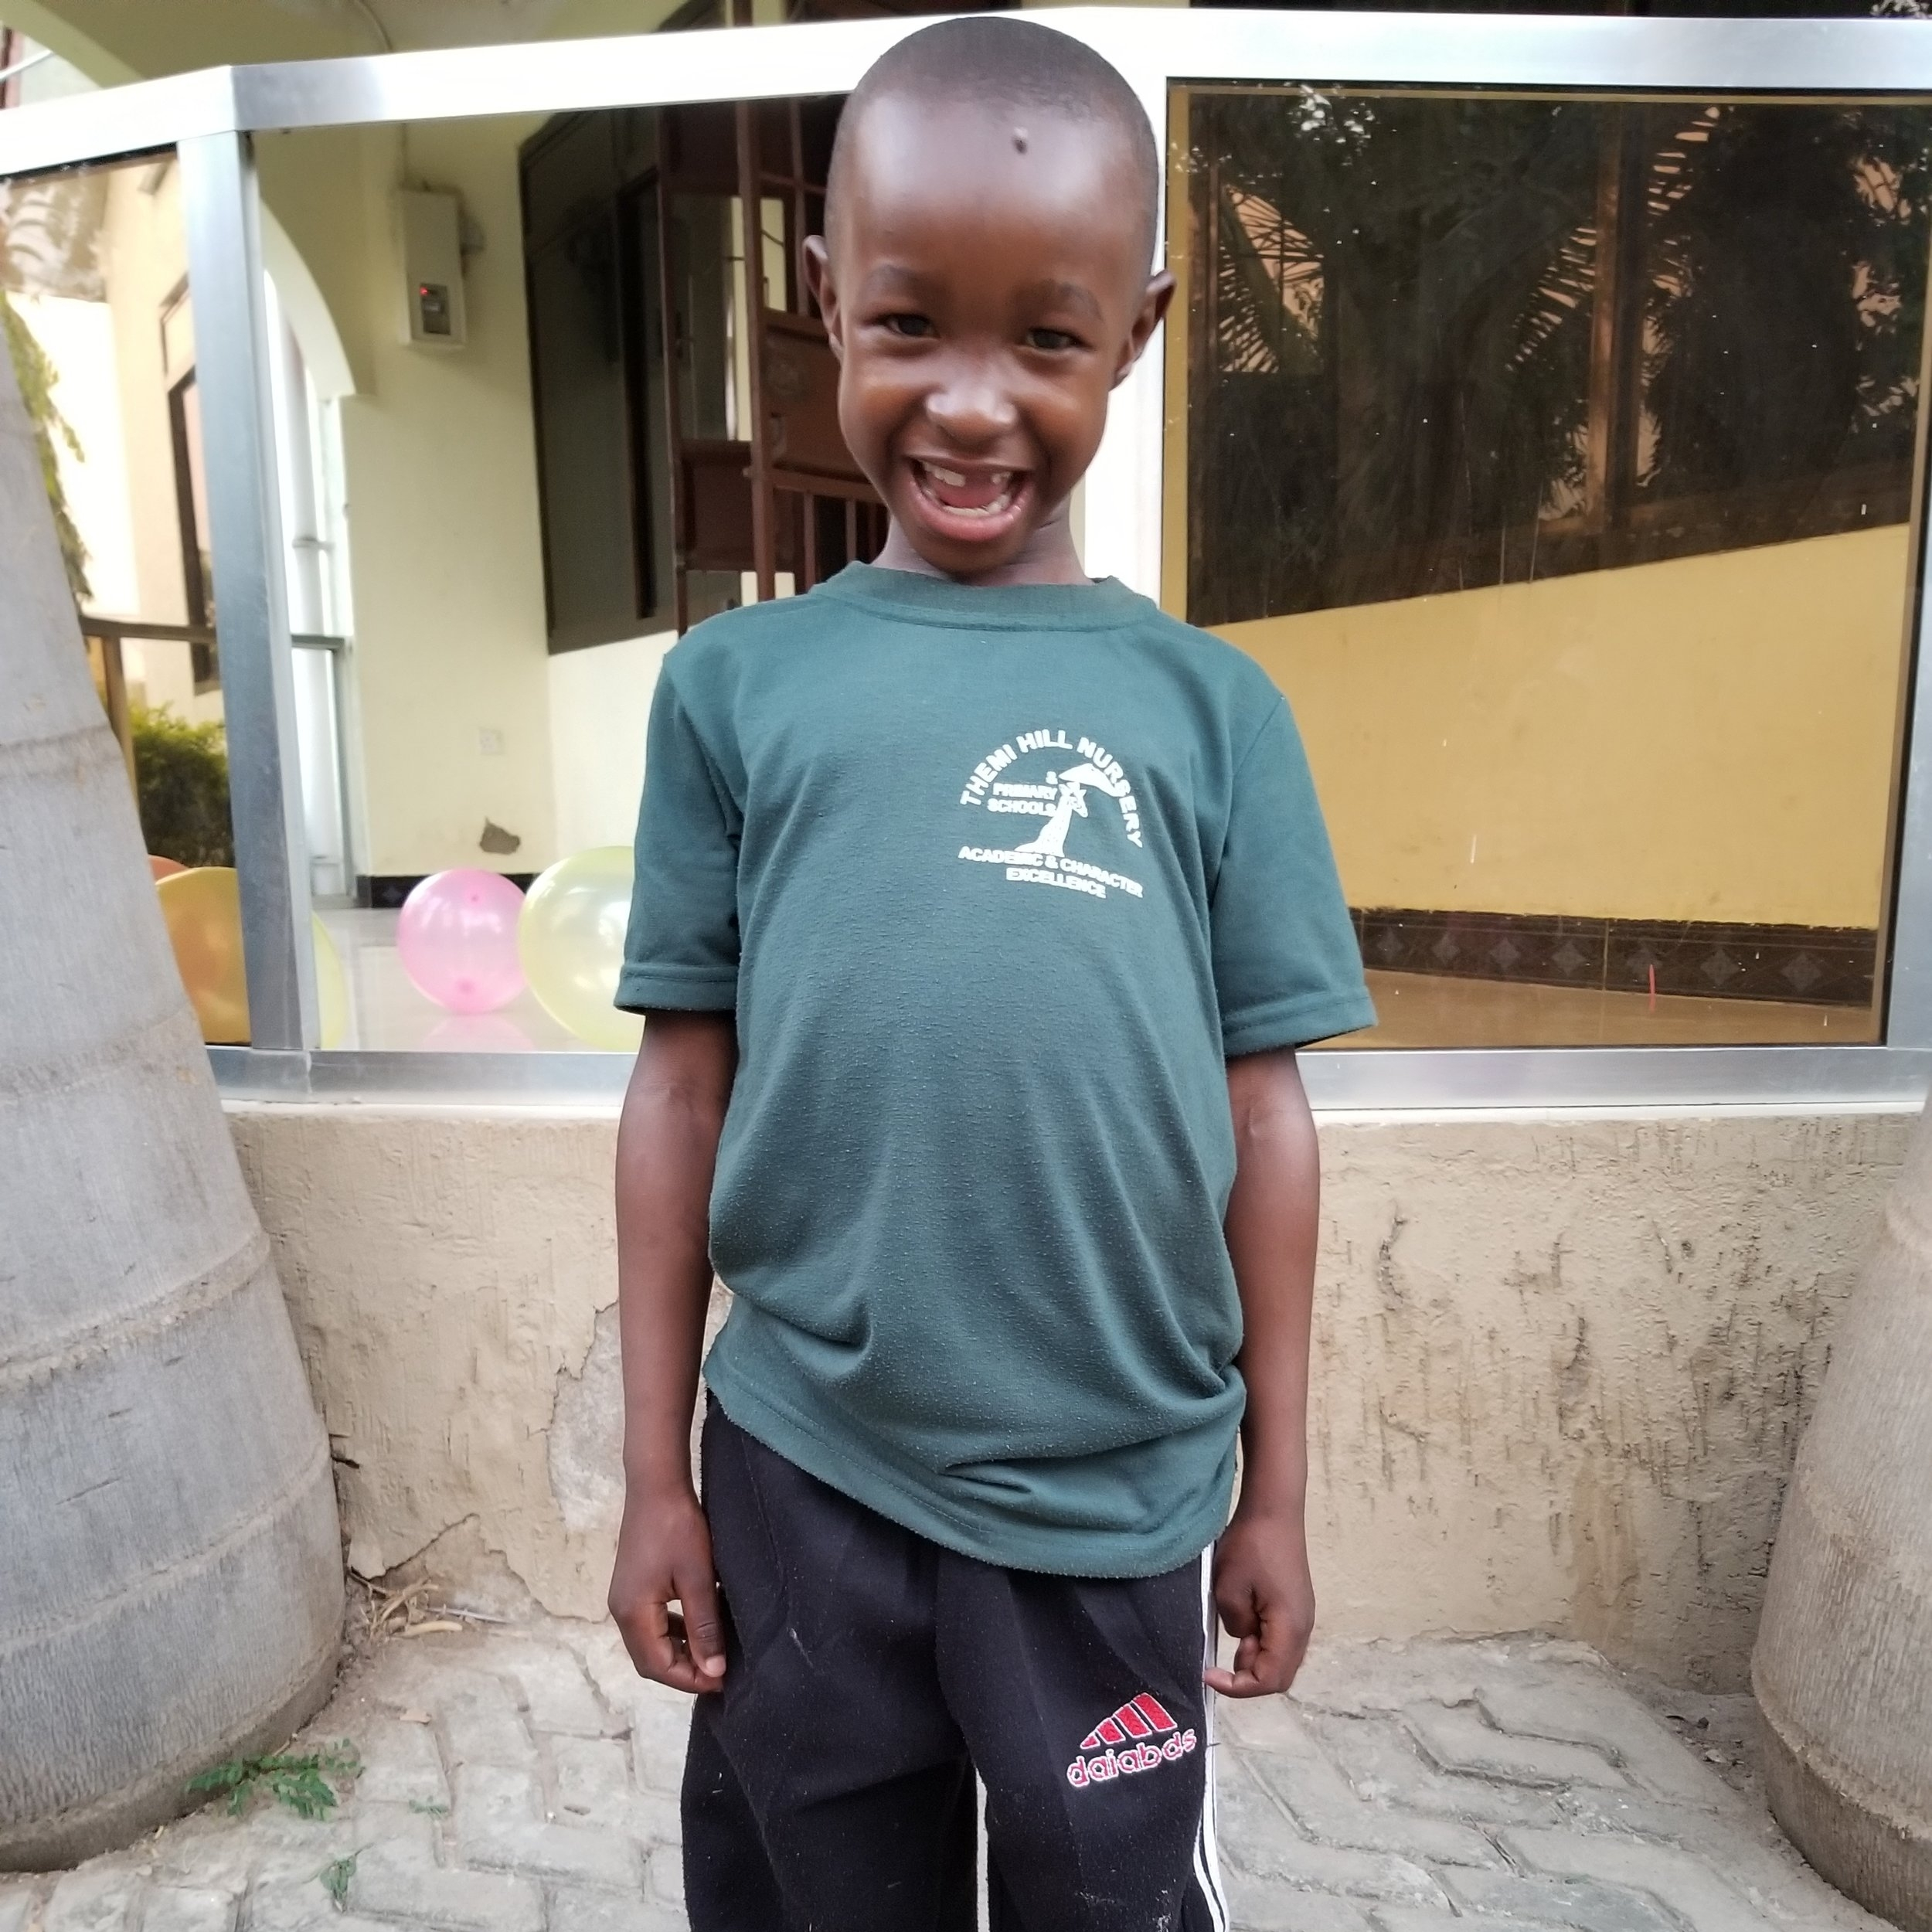 Idrisa Ismal Ibrahim   Age 8